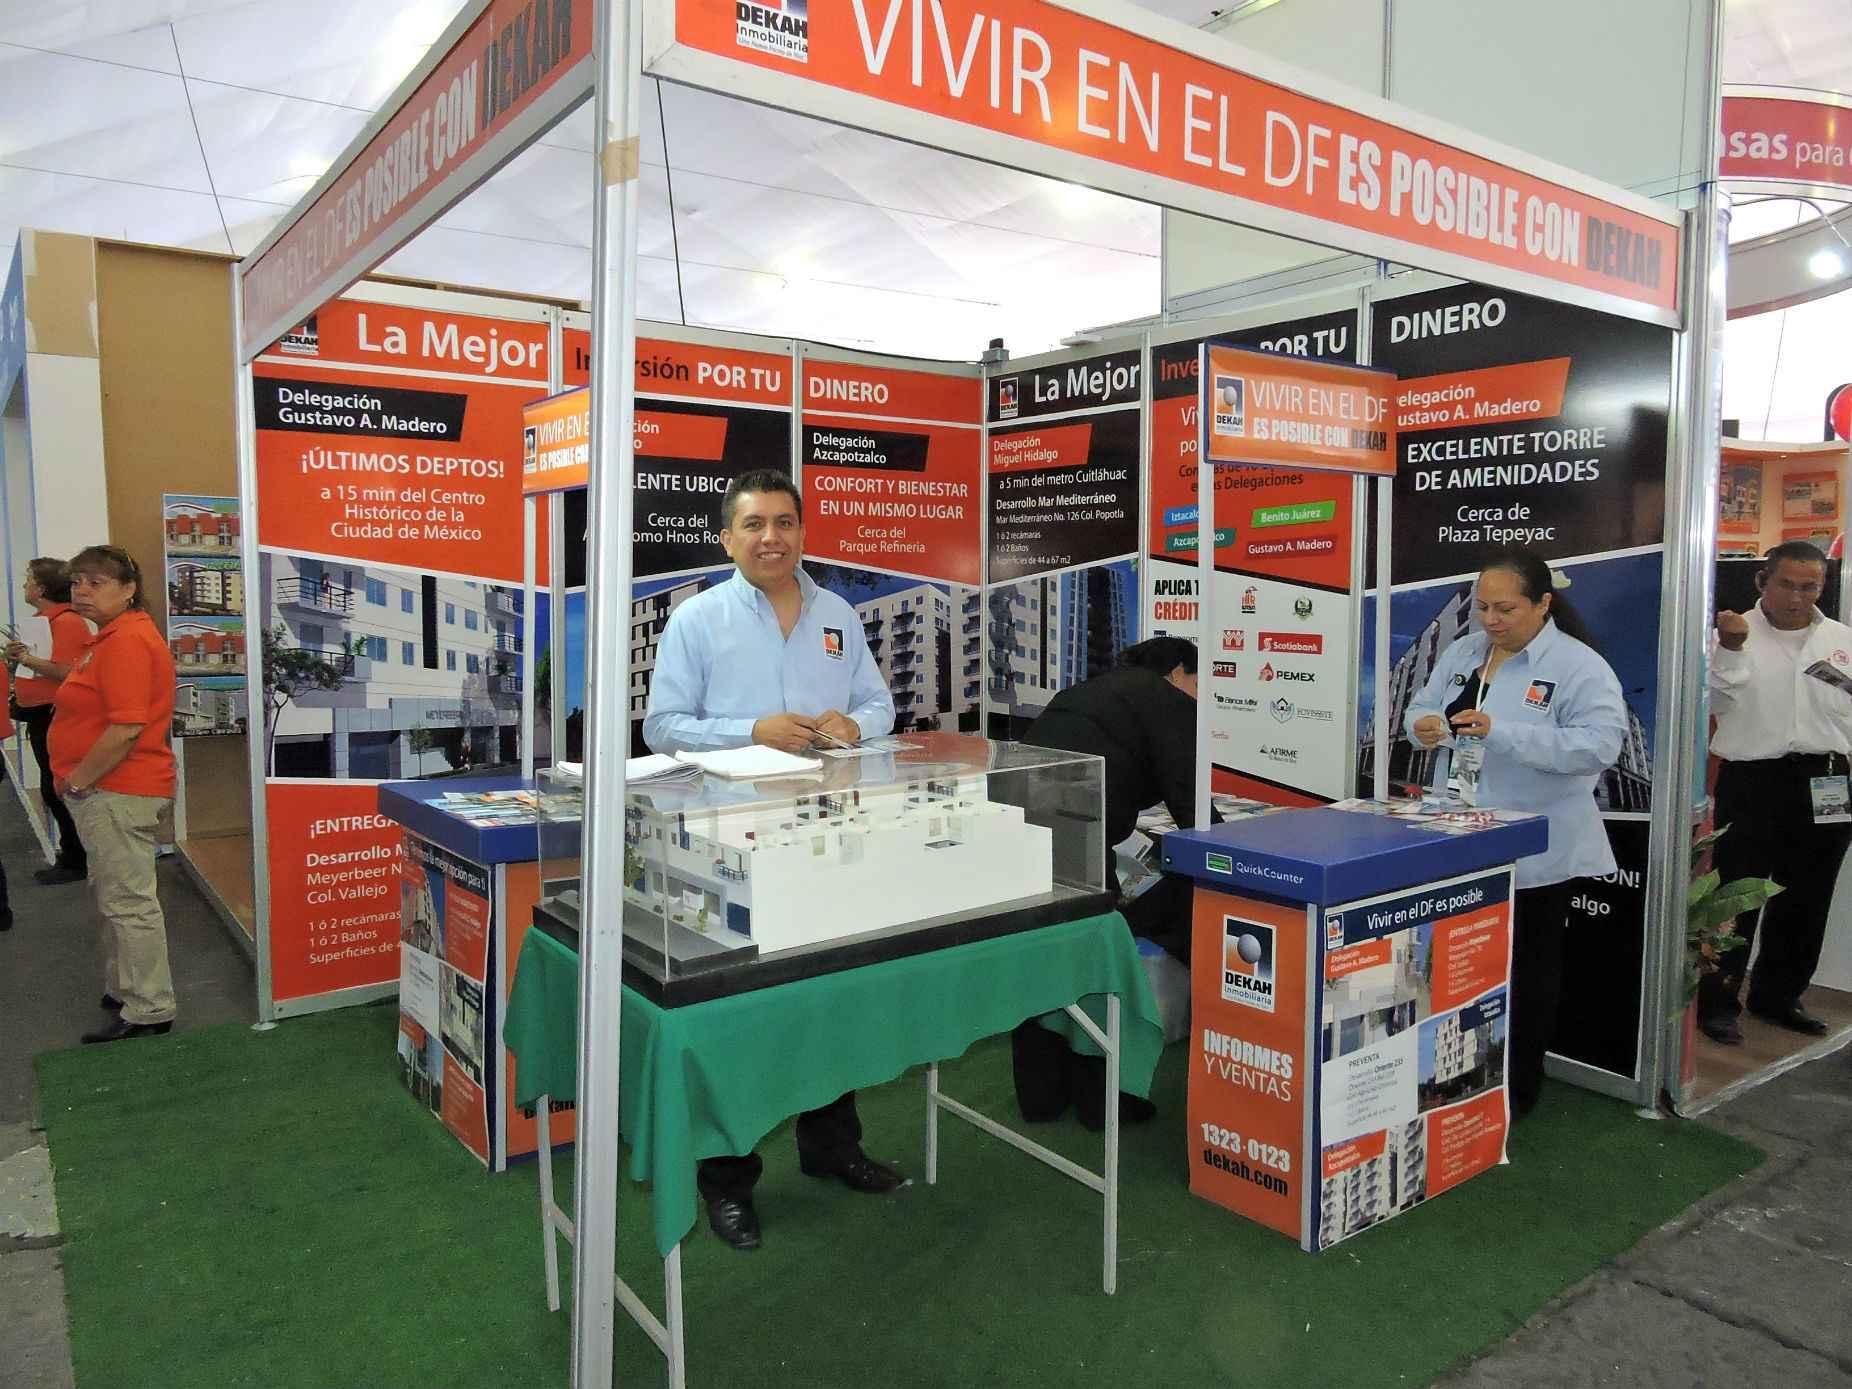 Expo Vivienda - Explanda de la Revolución